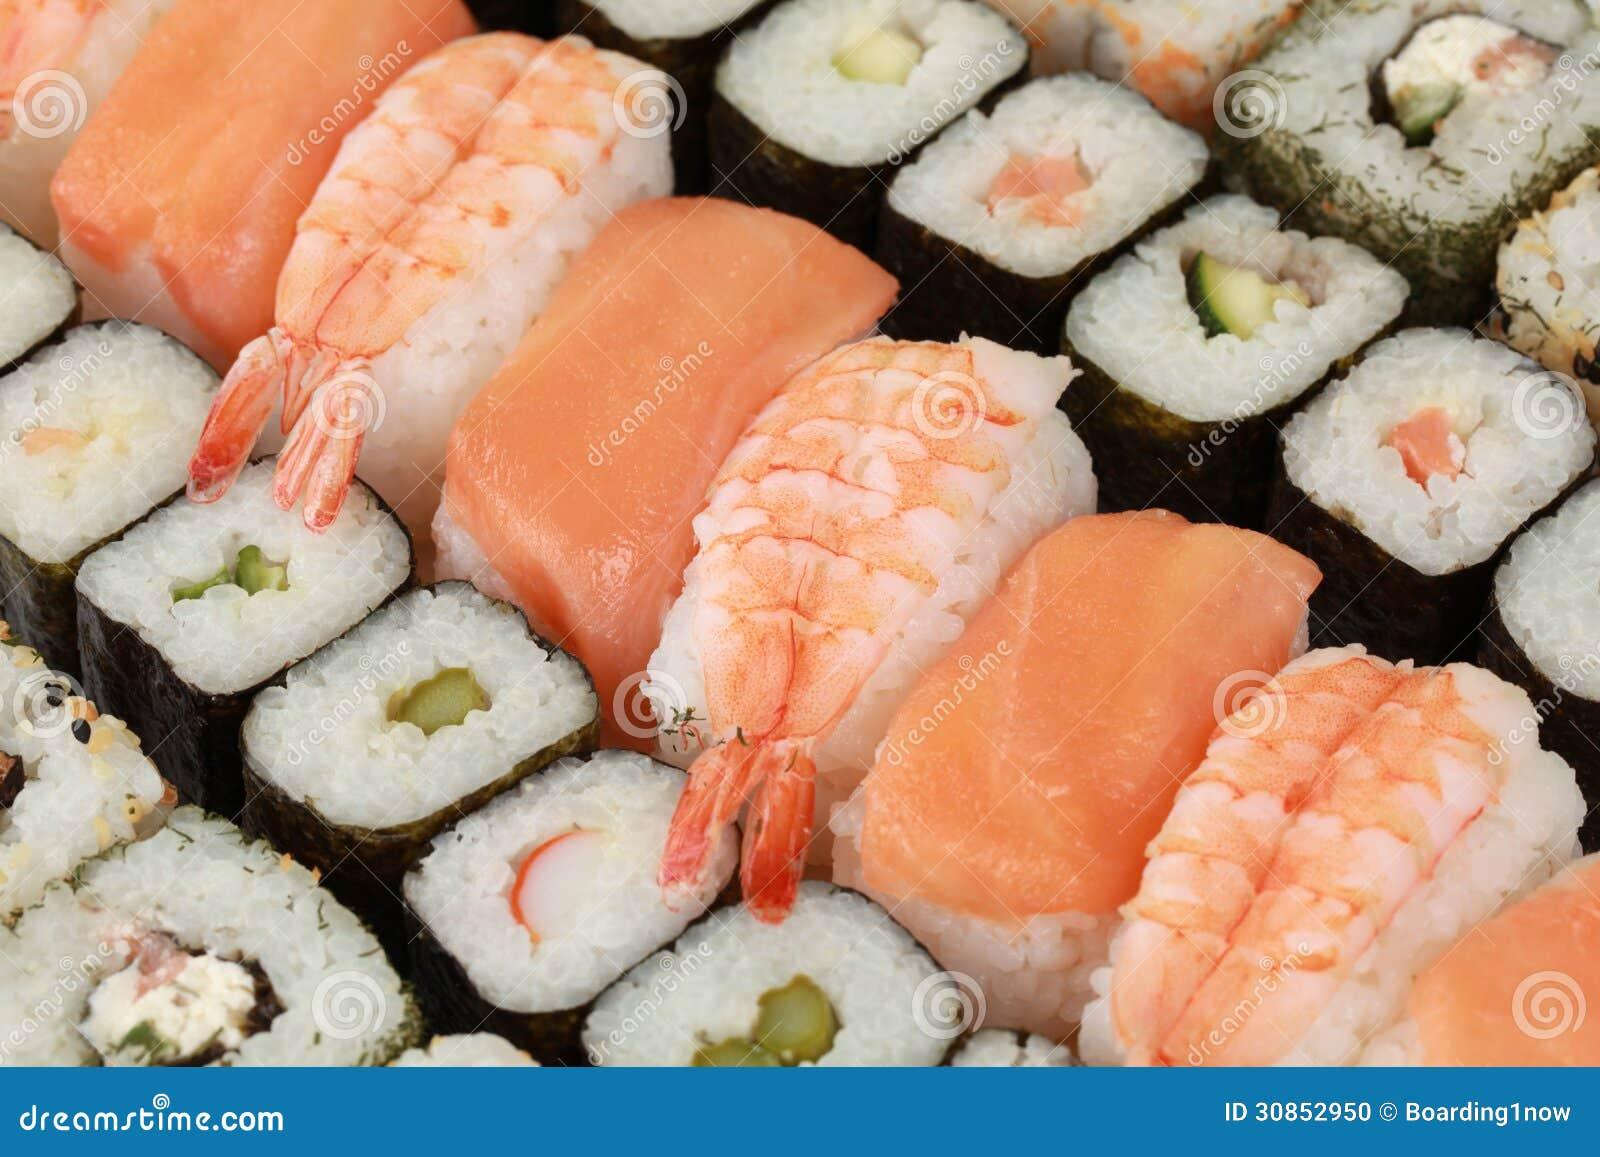 Роллы в домашних условиях без рыбы